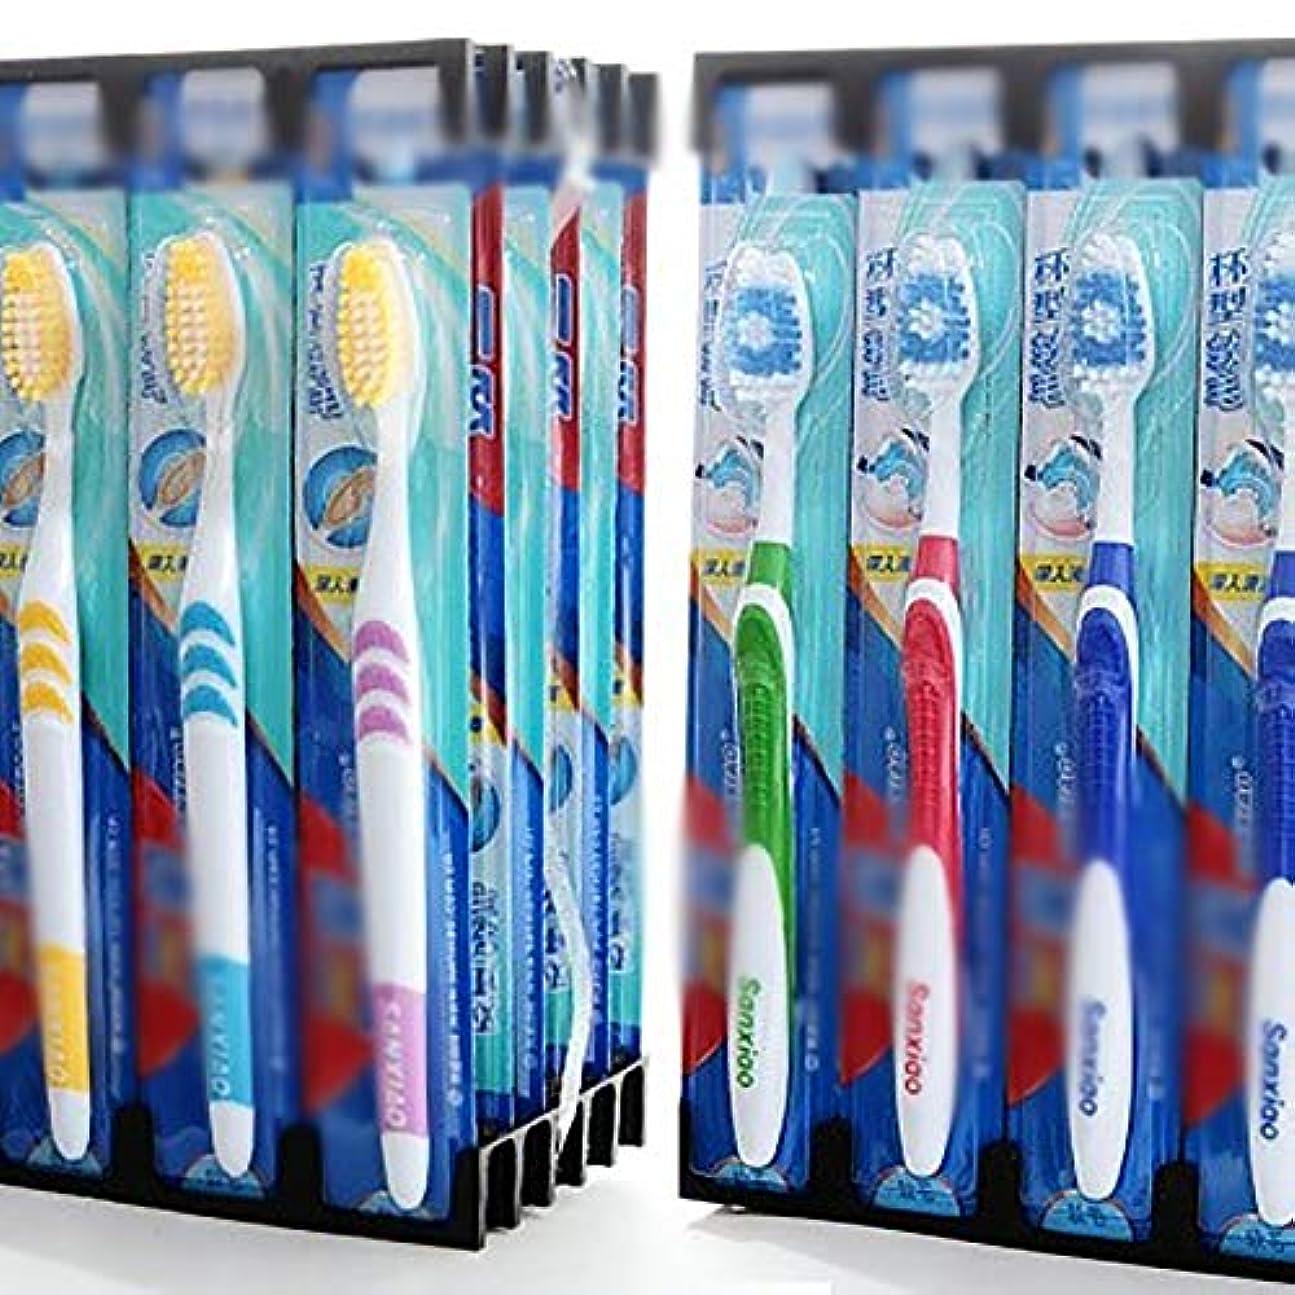 フリッパースクランブルマニュアル歯ブラシ 30ミックス歯ブラシ、個々の歯ブラシ包まれた、ウルトラソフト歯ブラシ - 使用可能なスタイルの3種類 KHL (色 : C, サイズ : 30 packs)